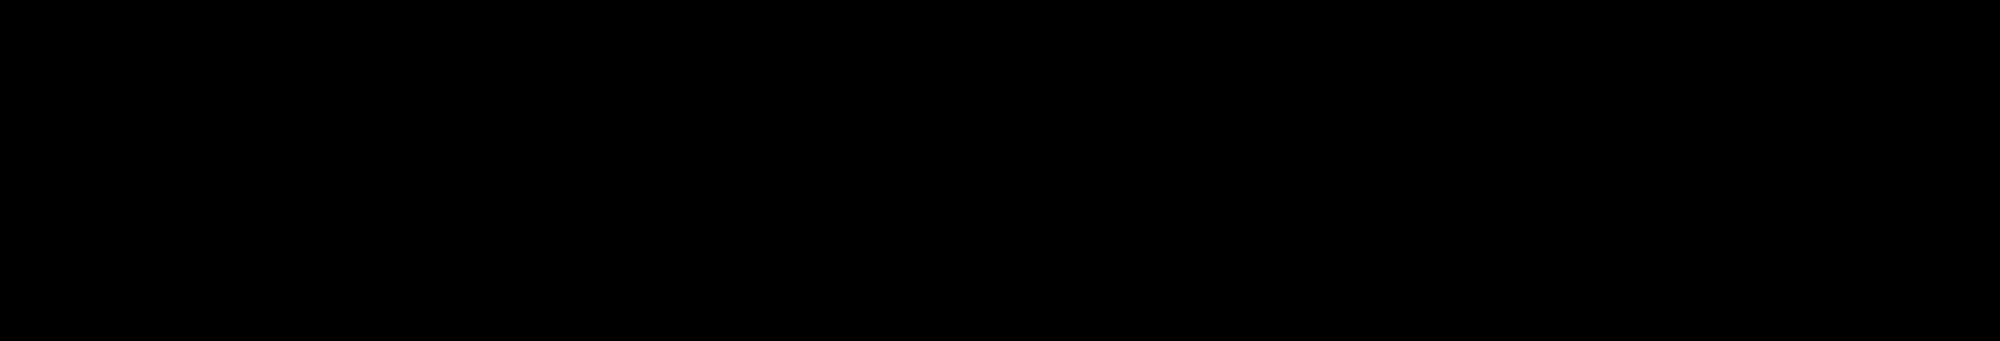 windows 7 logo PNG